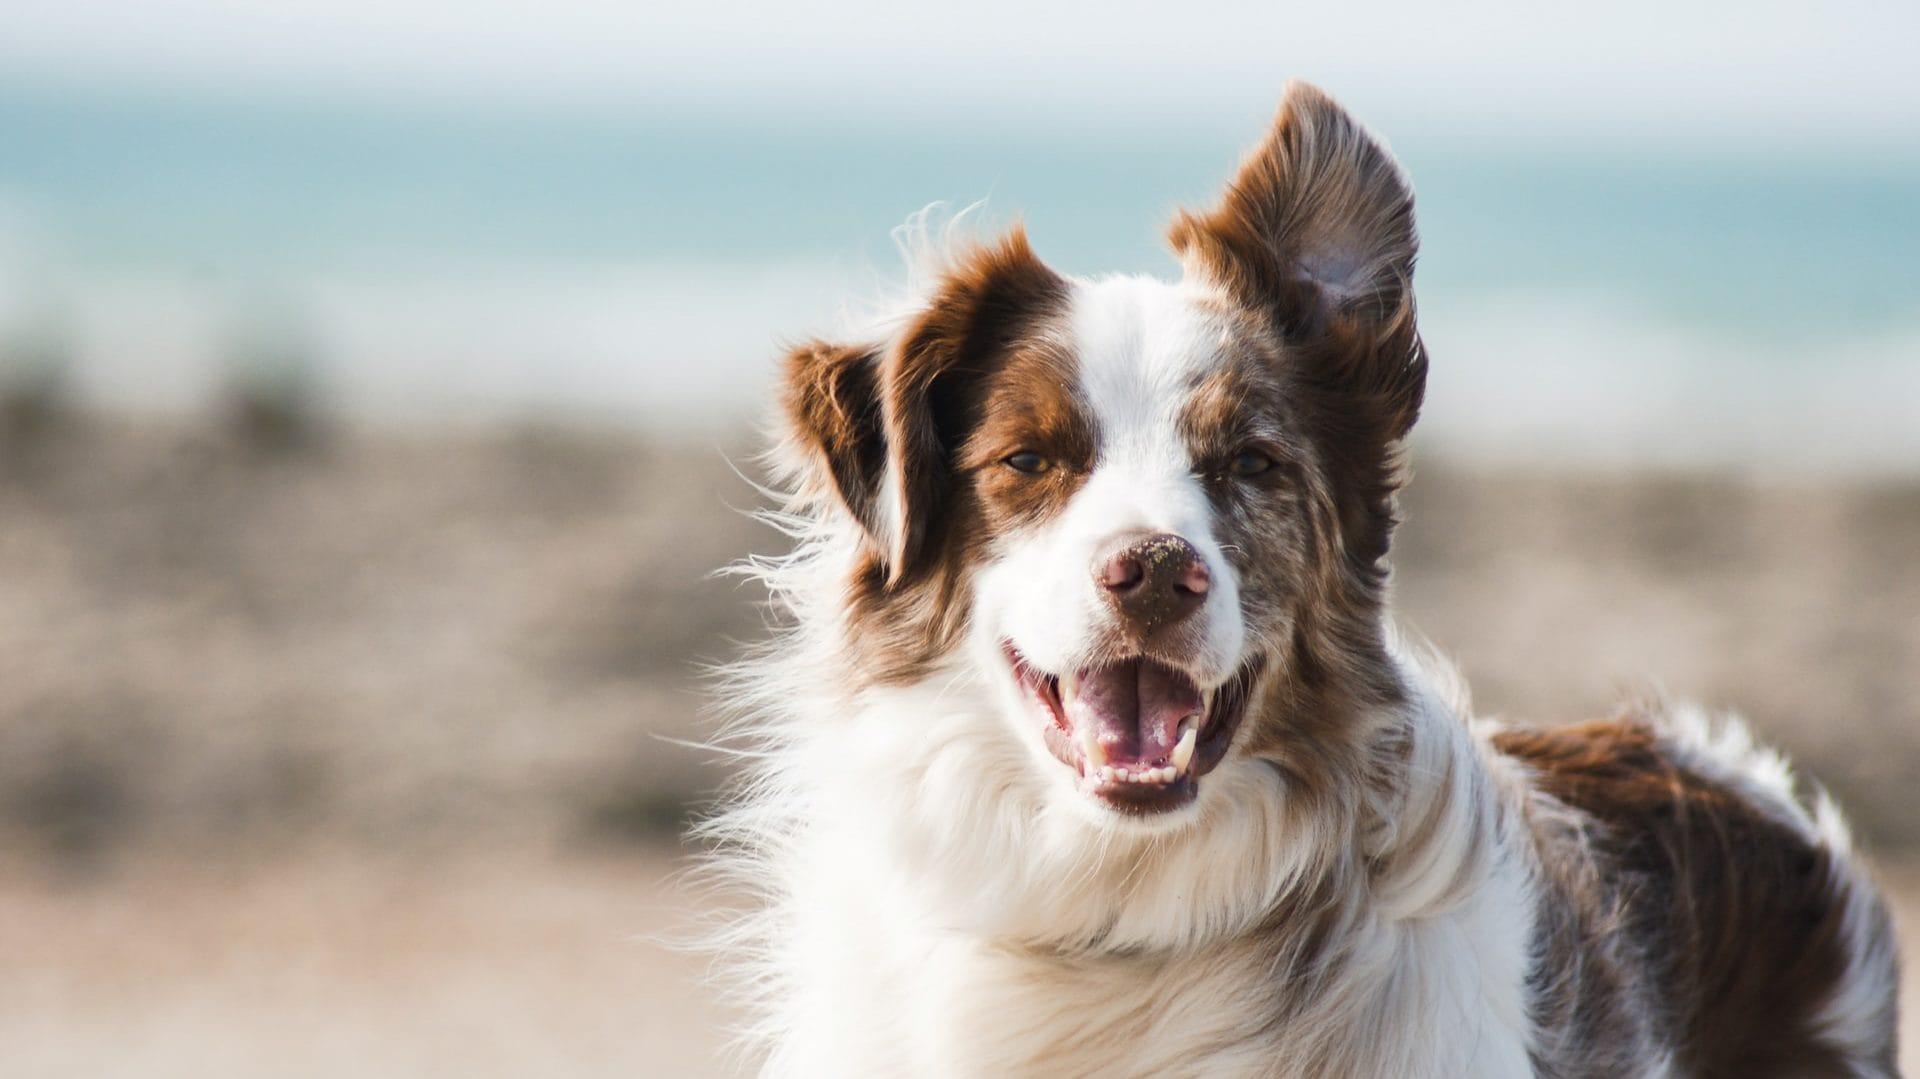 Hond met oortje omhoog en bek open, Vooraanzicht